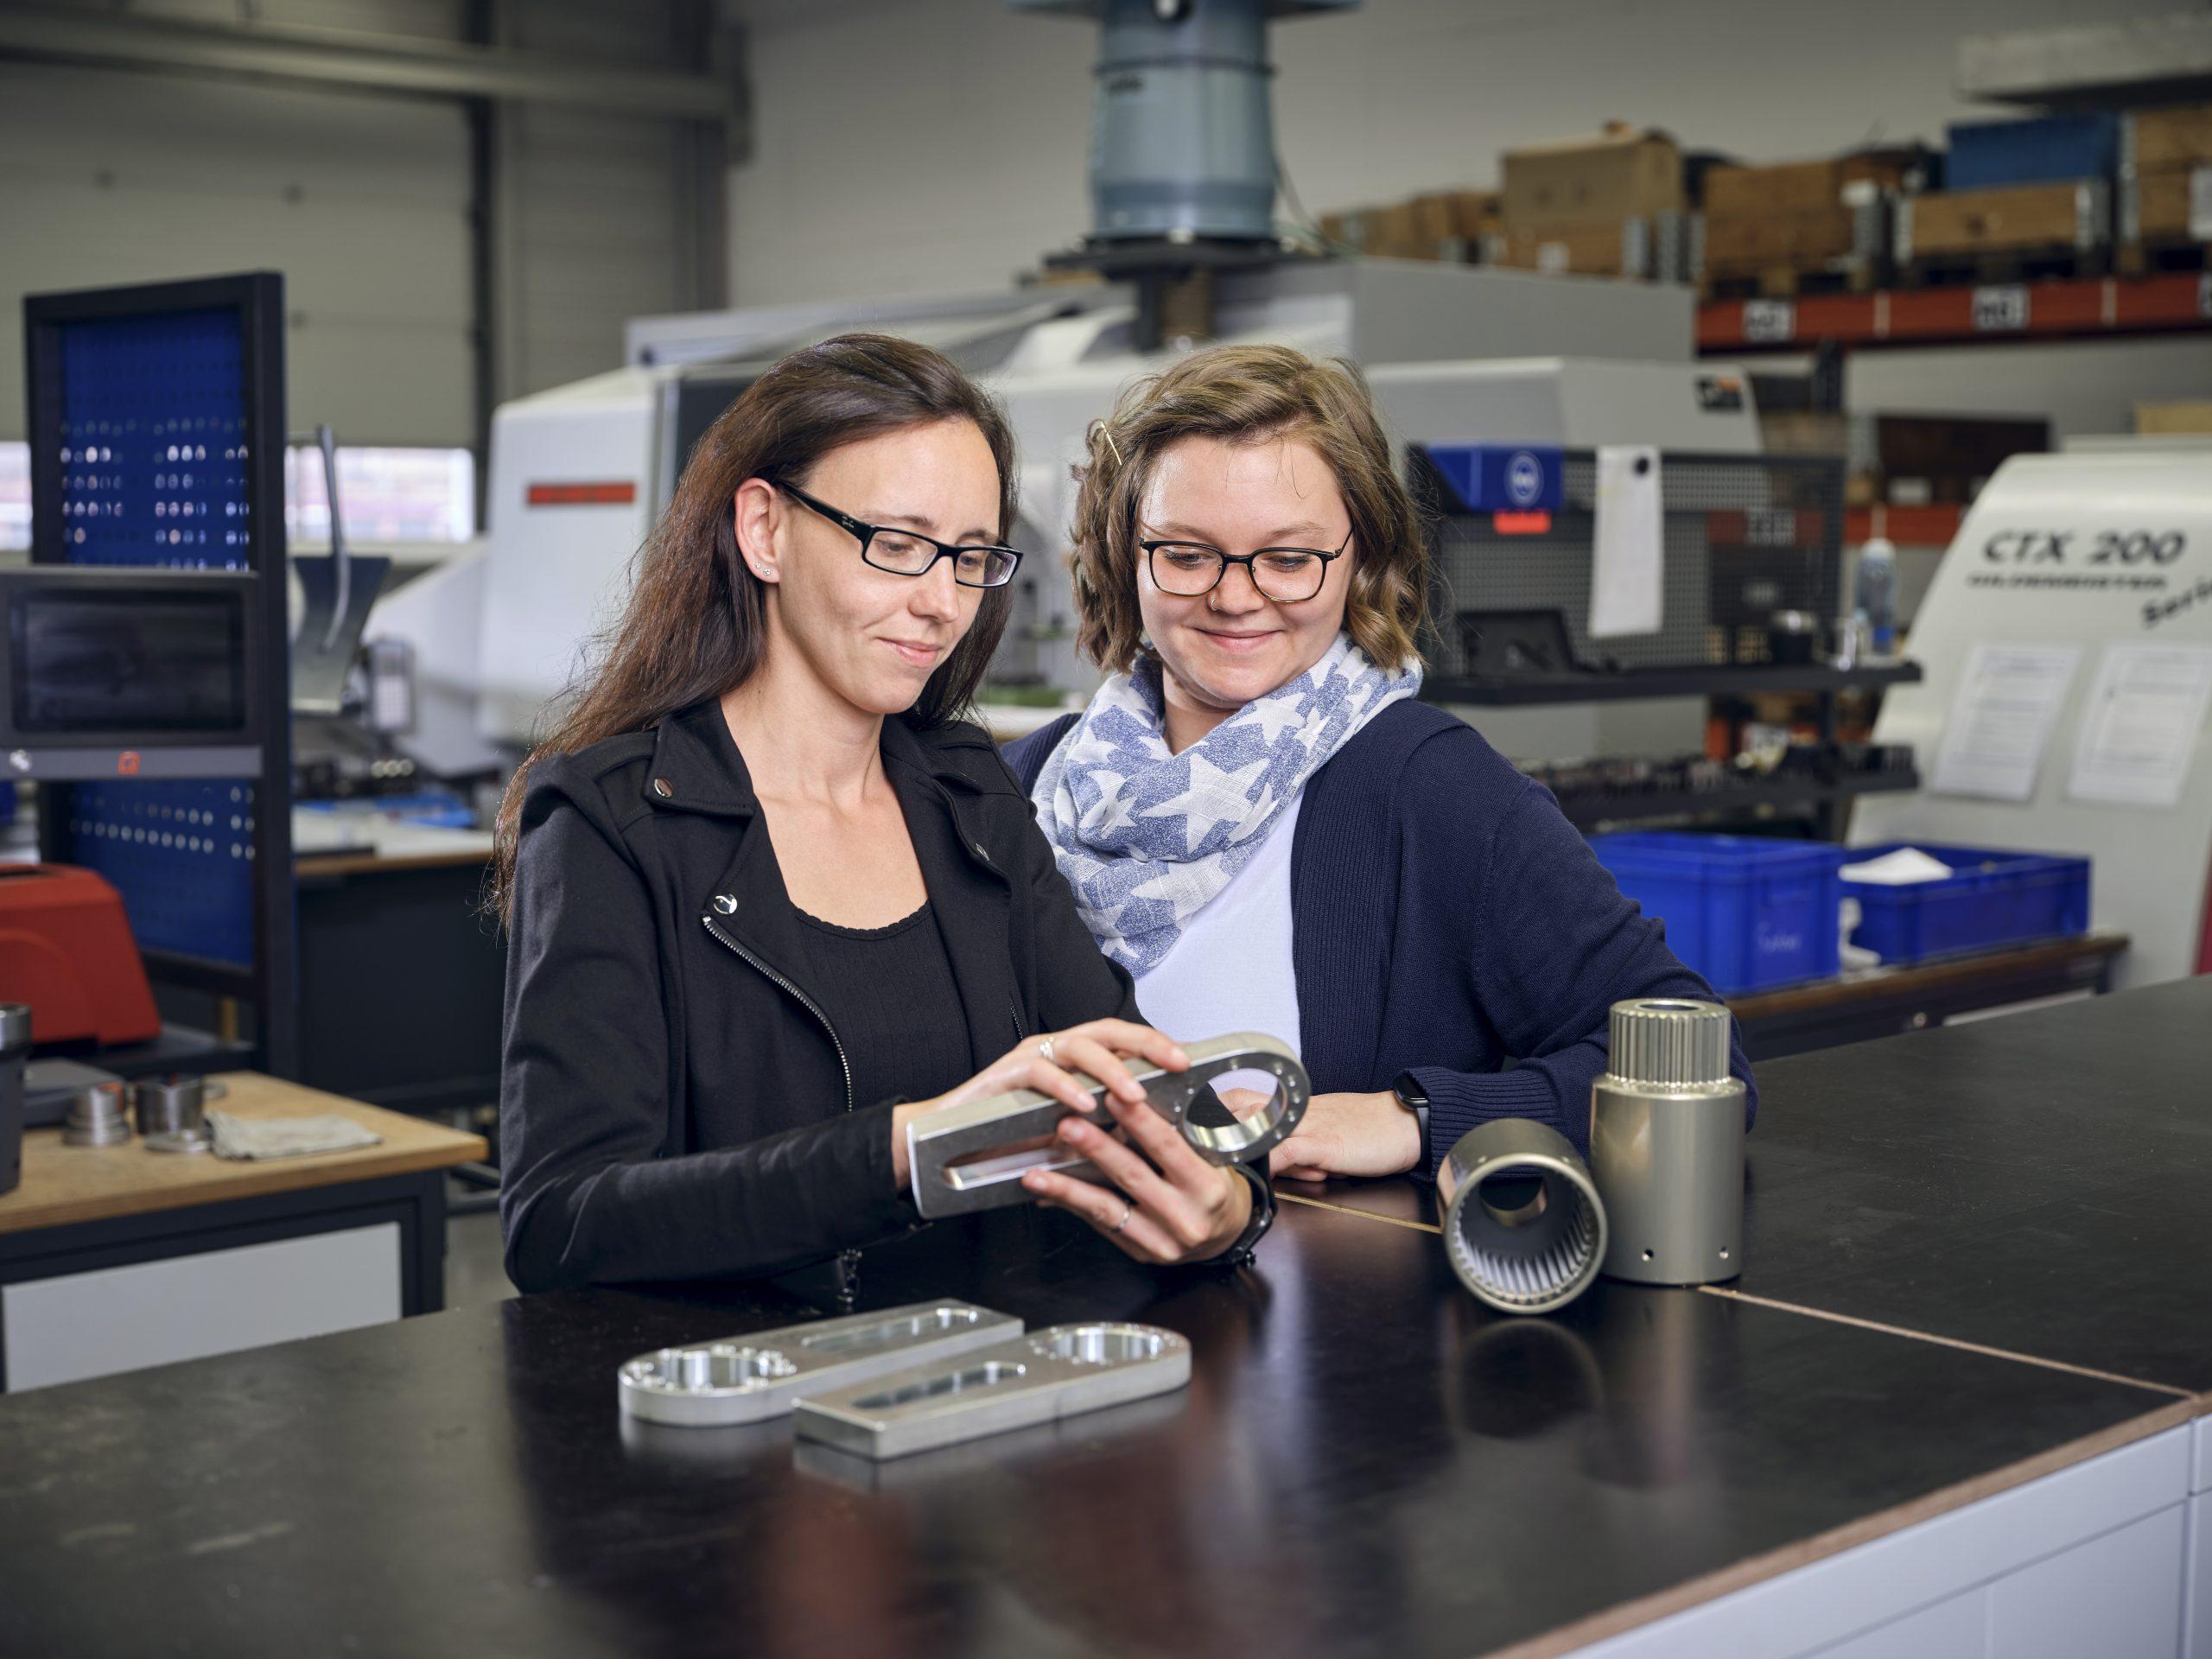 Das Hochmoment-Portfolio von Gedore Torque reicht bis 54.000 Newtonmeter. Rechts im Bild ist Annabell Vorwerk, verantwortlich für Arbeitsvorbereitung und Lager. (Bild: Industrial Application Software GmbH)